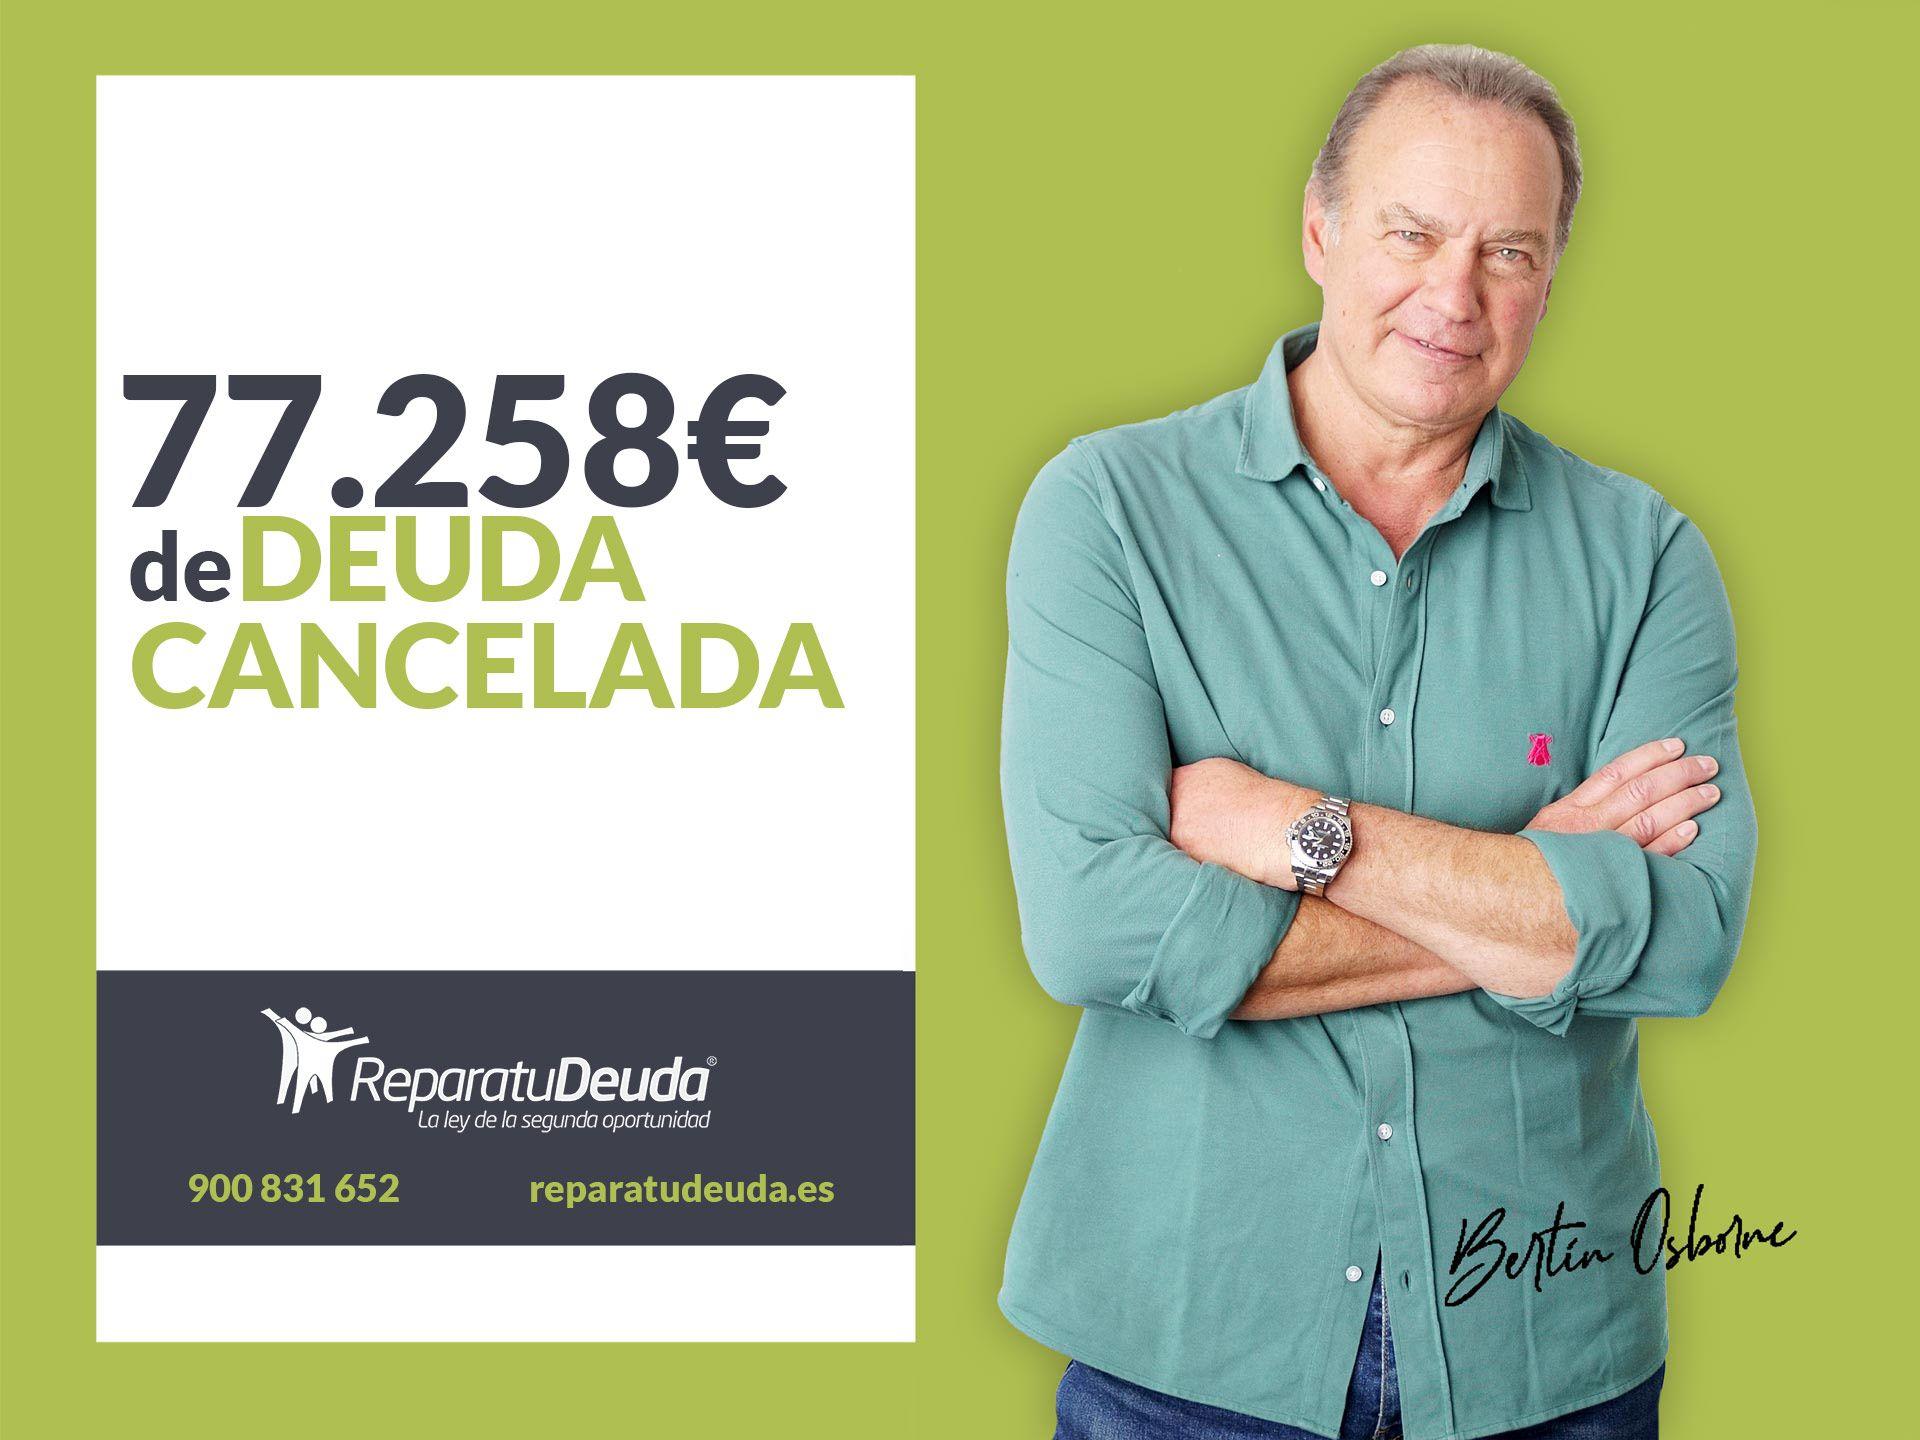 Repara tu Deuda cancela 77.258€ con deuda pública en Gijón (Asturias) con la Ley de la Segunda Oportunidad